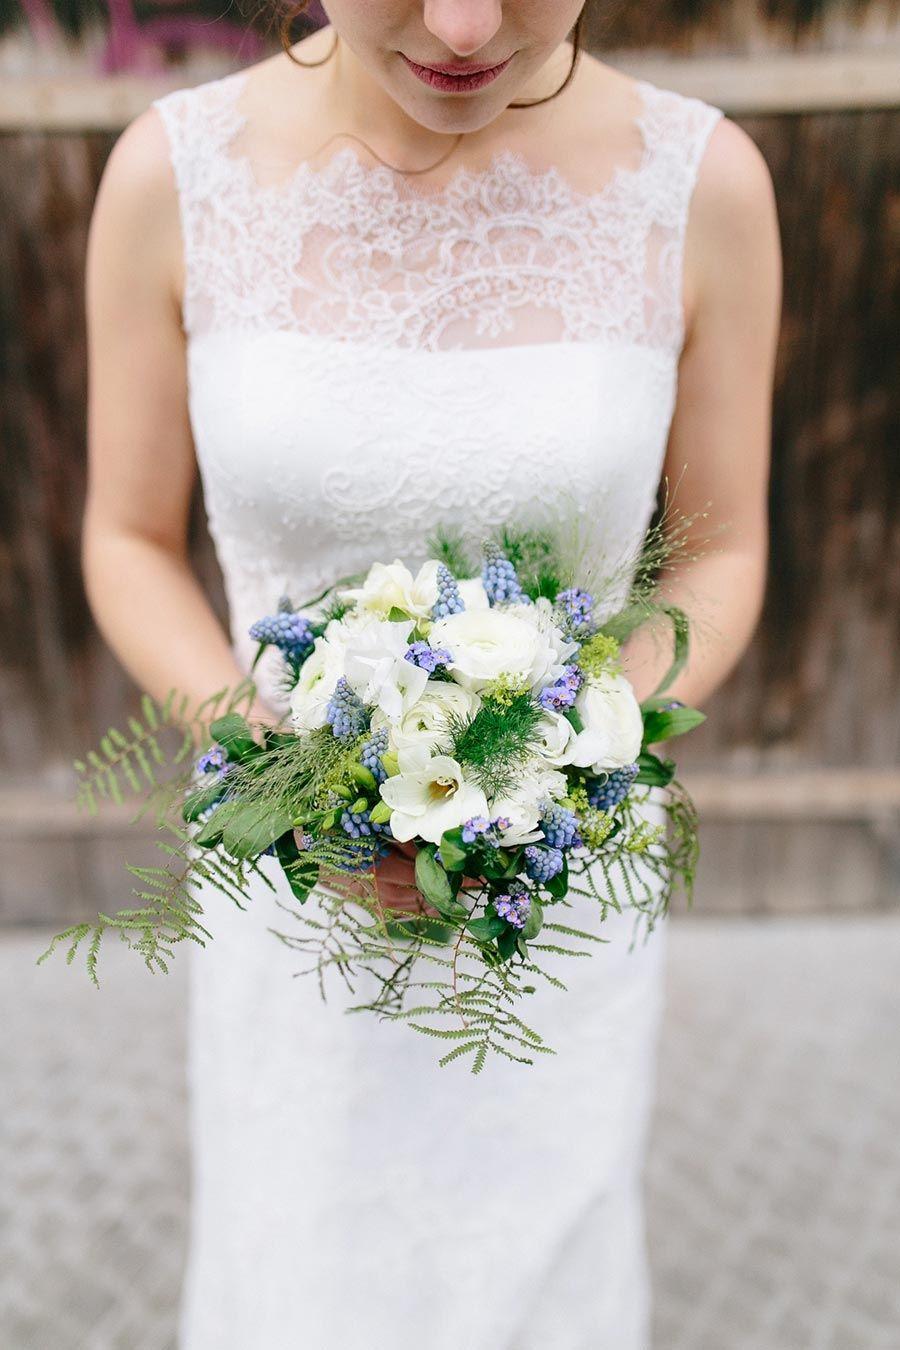 Brautstrauß zur Hochzeit in weiß/grün mit einem Touch Blau. Foto ...